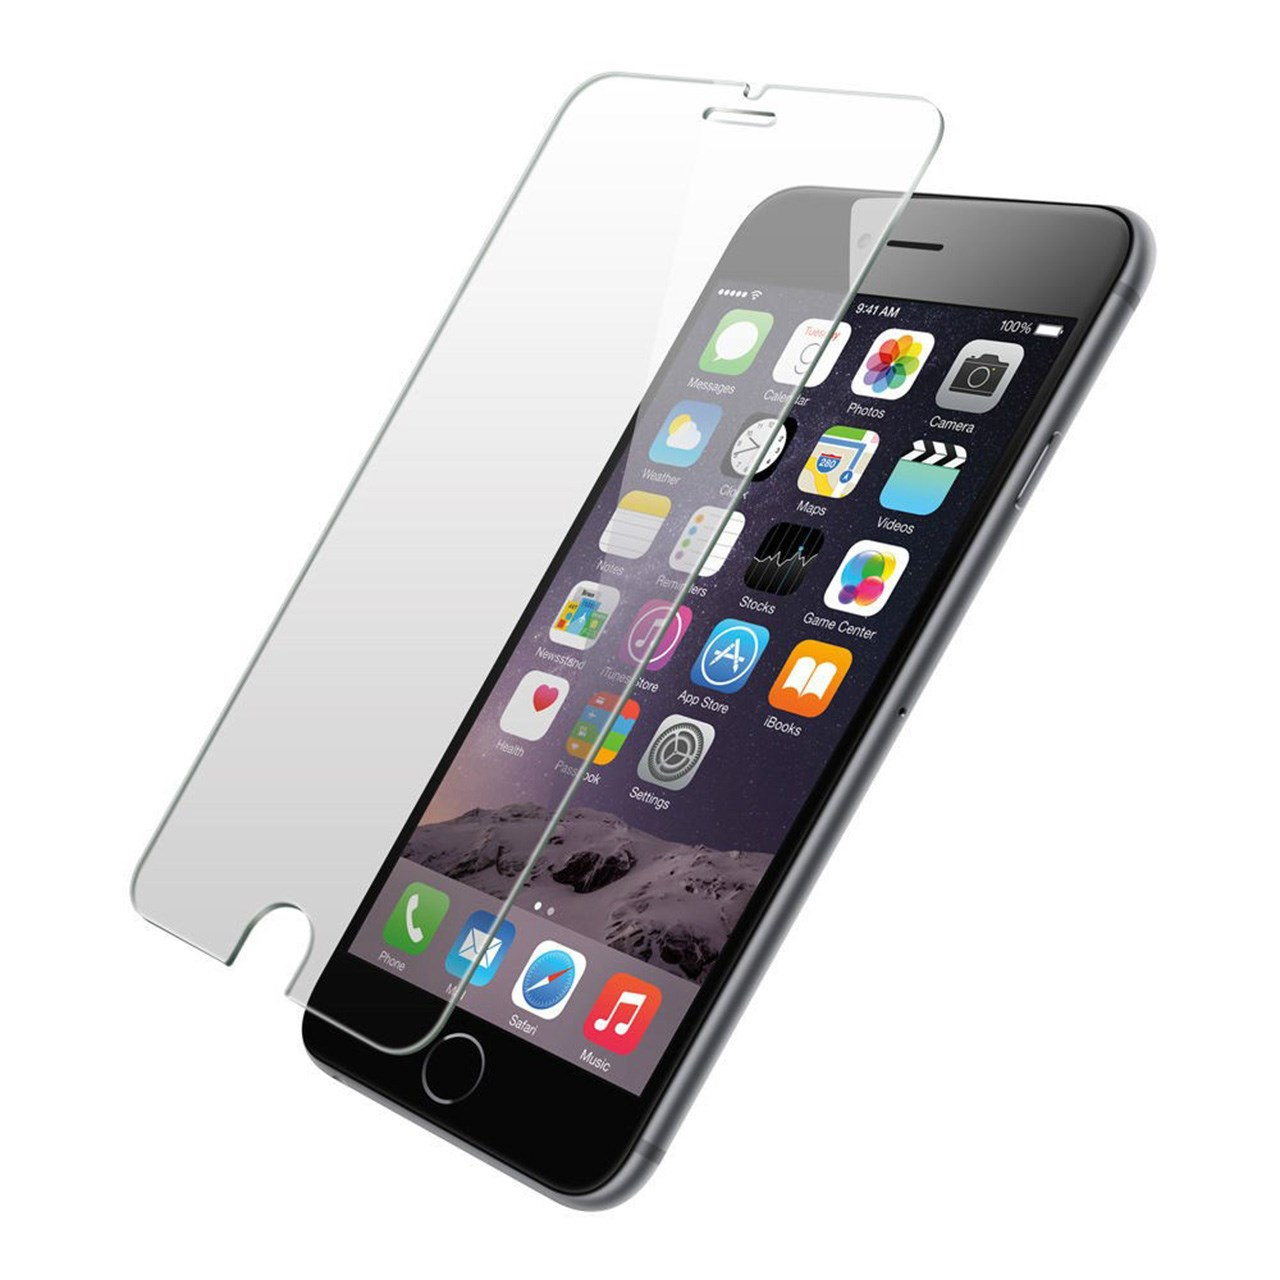 محافظ صفحه نمایش شیشه ای گلس مدل تمپرد مناسب برای گوشی موبایل اپل آیفون 6/6s plus